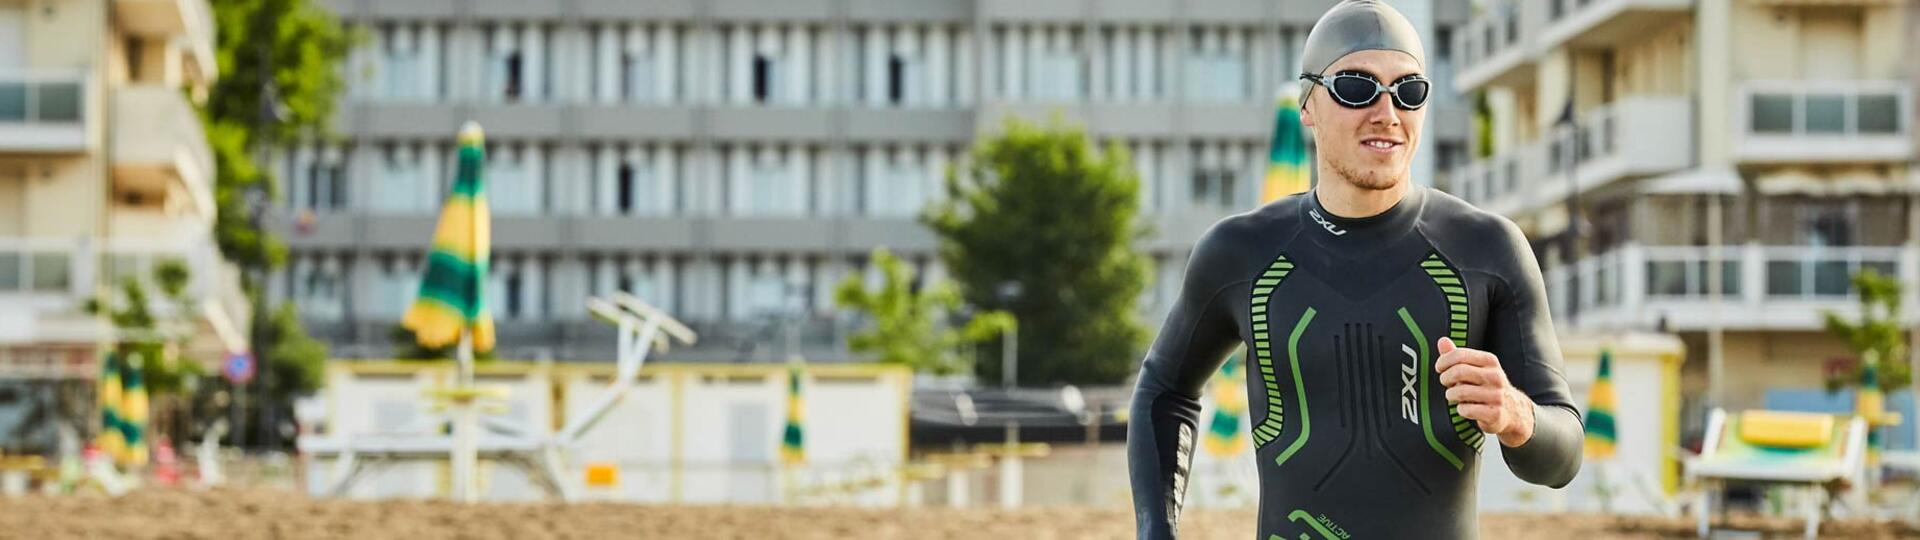 cycling.oxygenhotel en triathlon-in-rimini 012